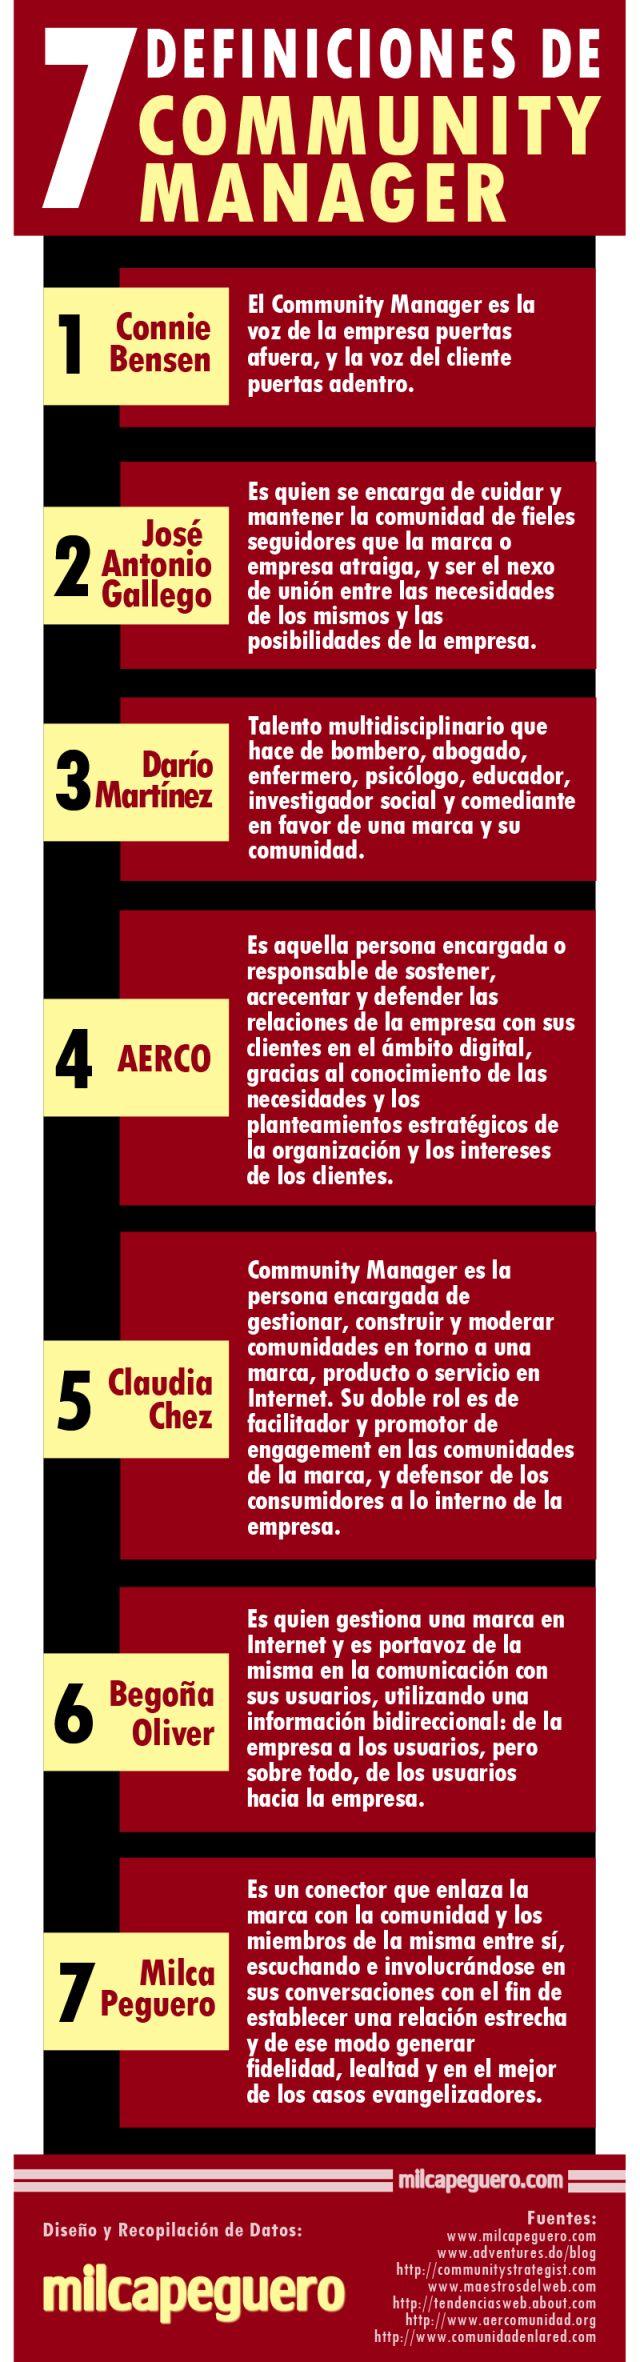 7 definiciones de #CommunityManager b#socialmedia